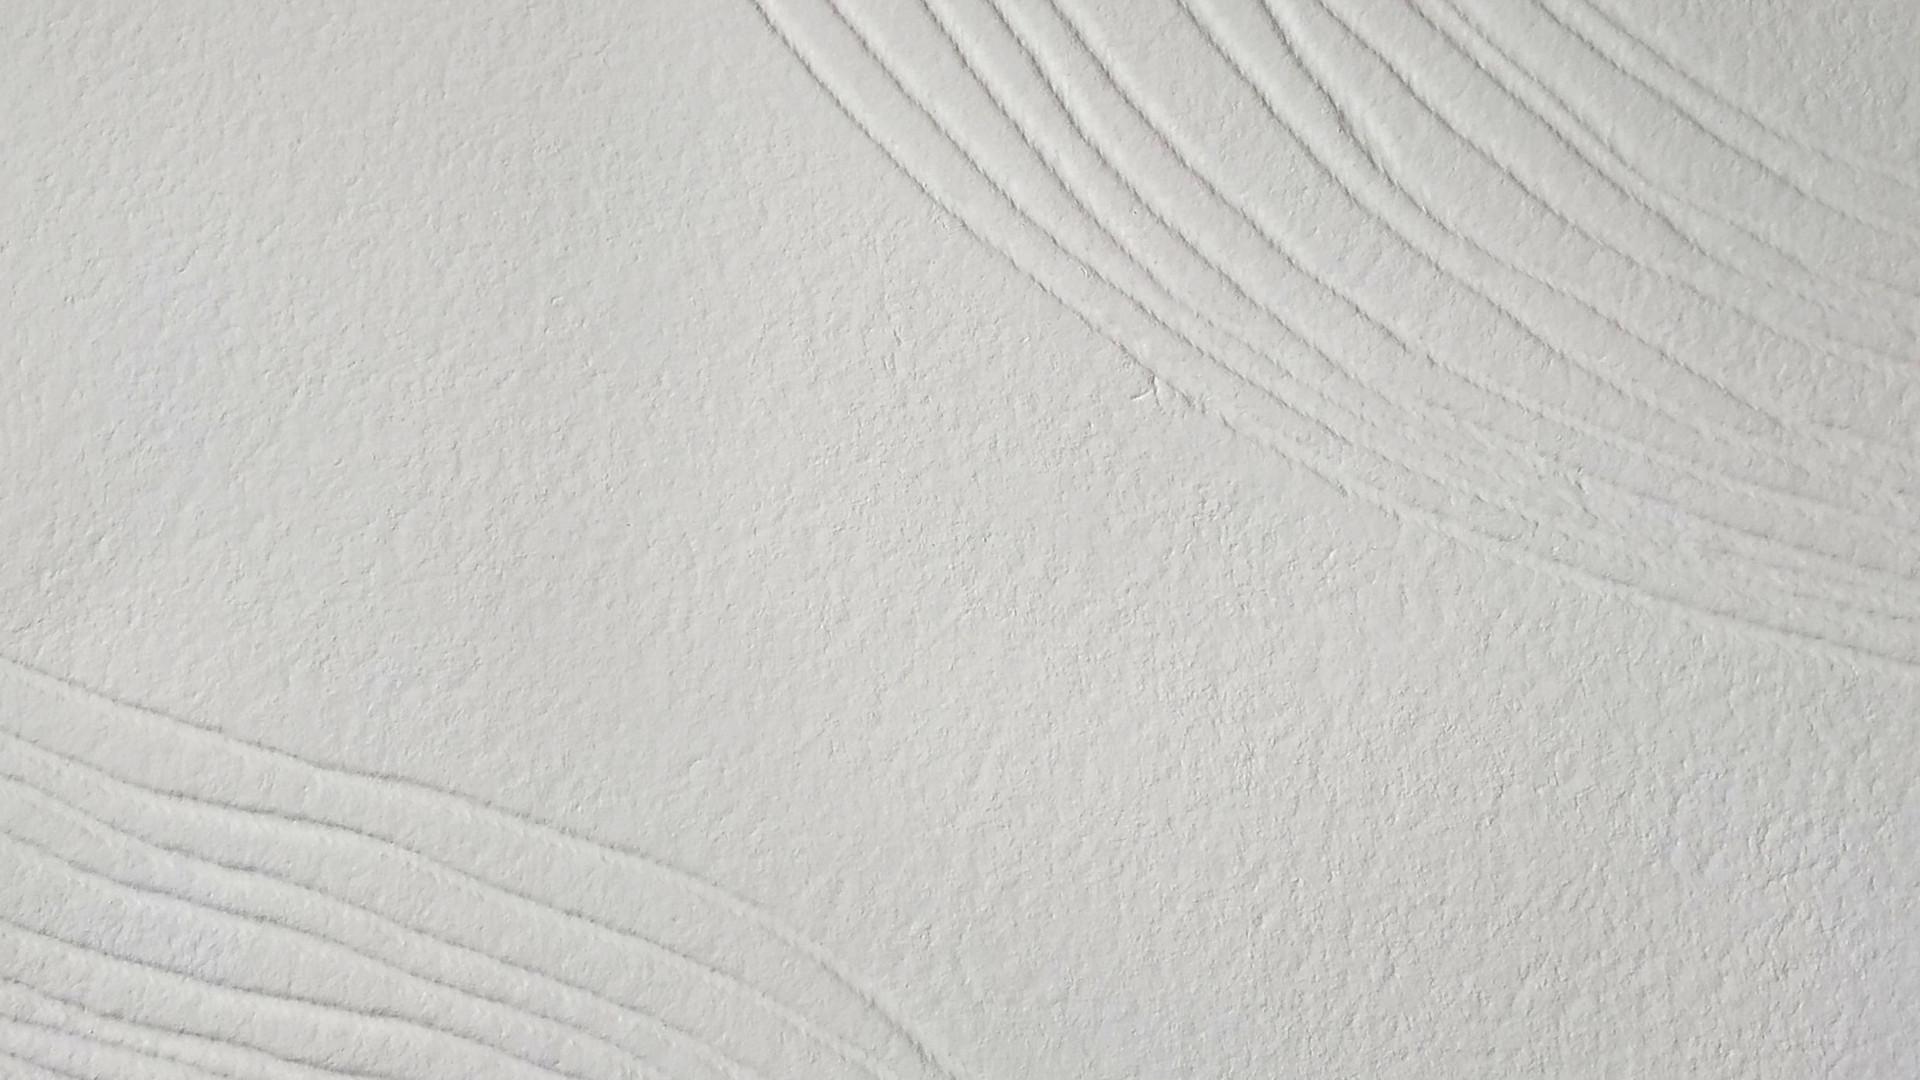 René Galassi Amara Papierreliefabdruck, 20 Ex., 77 x 56 cm, verso sign. & num.